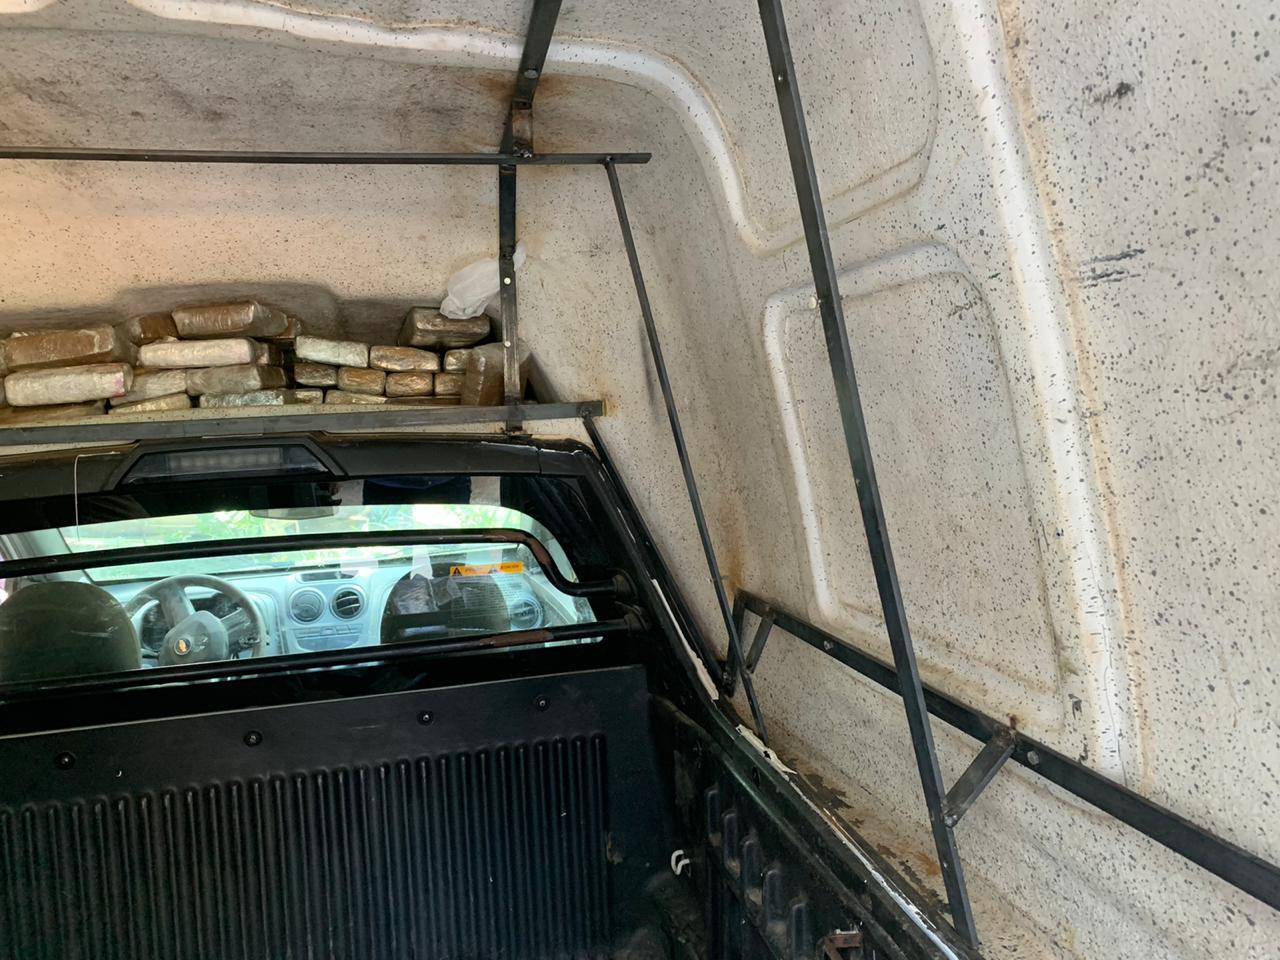 Polícia Civil de Jequié apreende 90 kg de maconha escondidas em um veículo